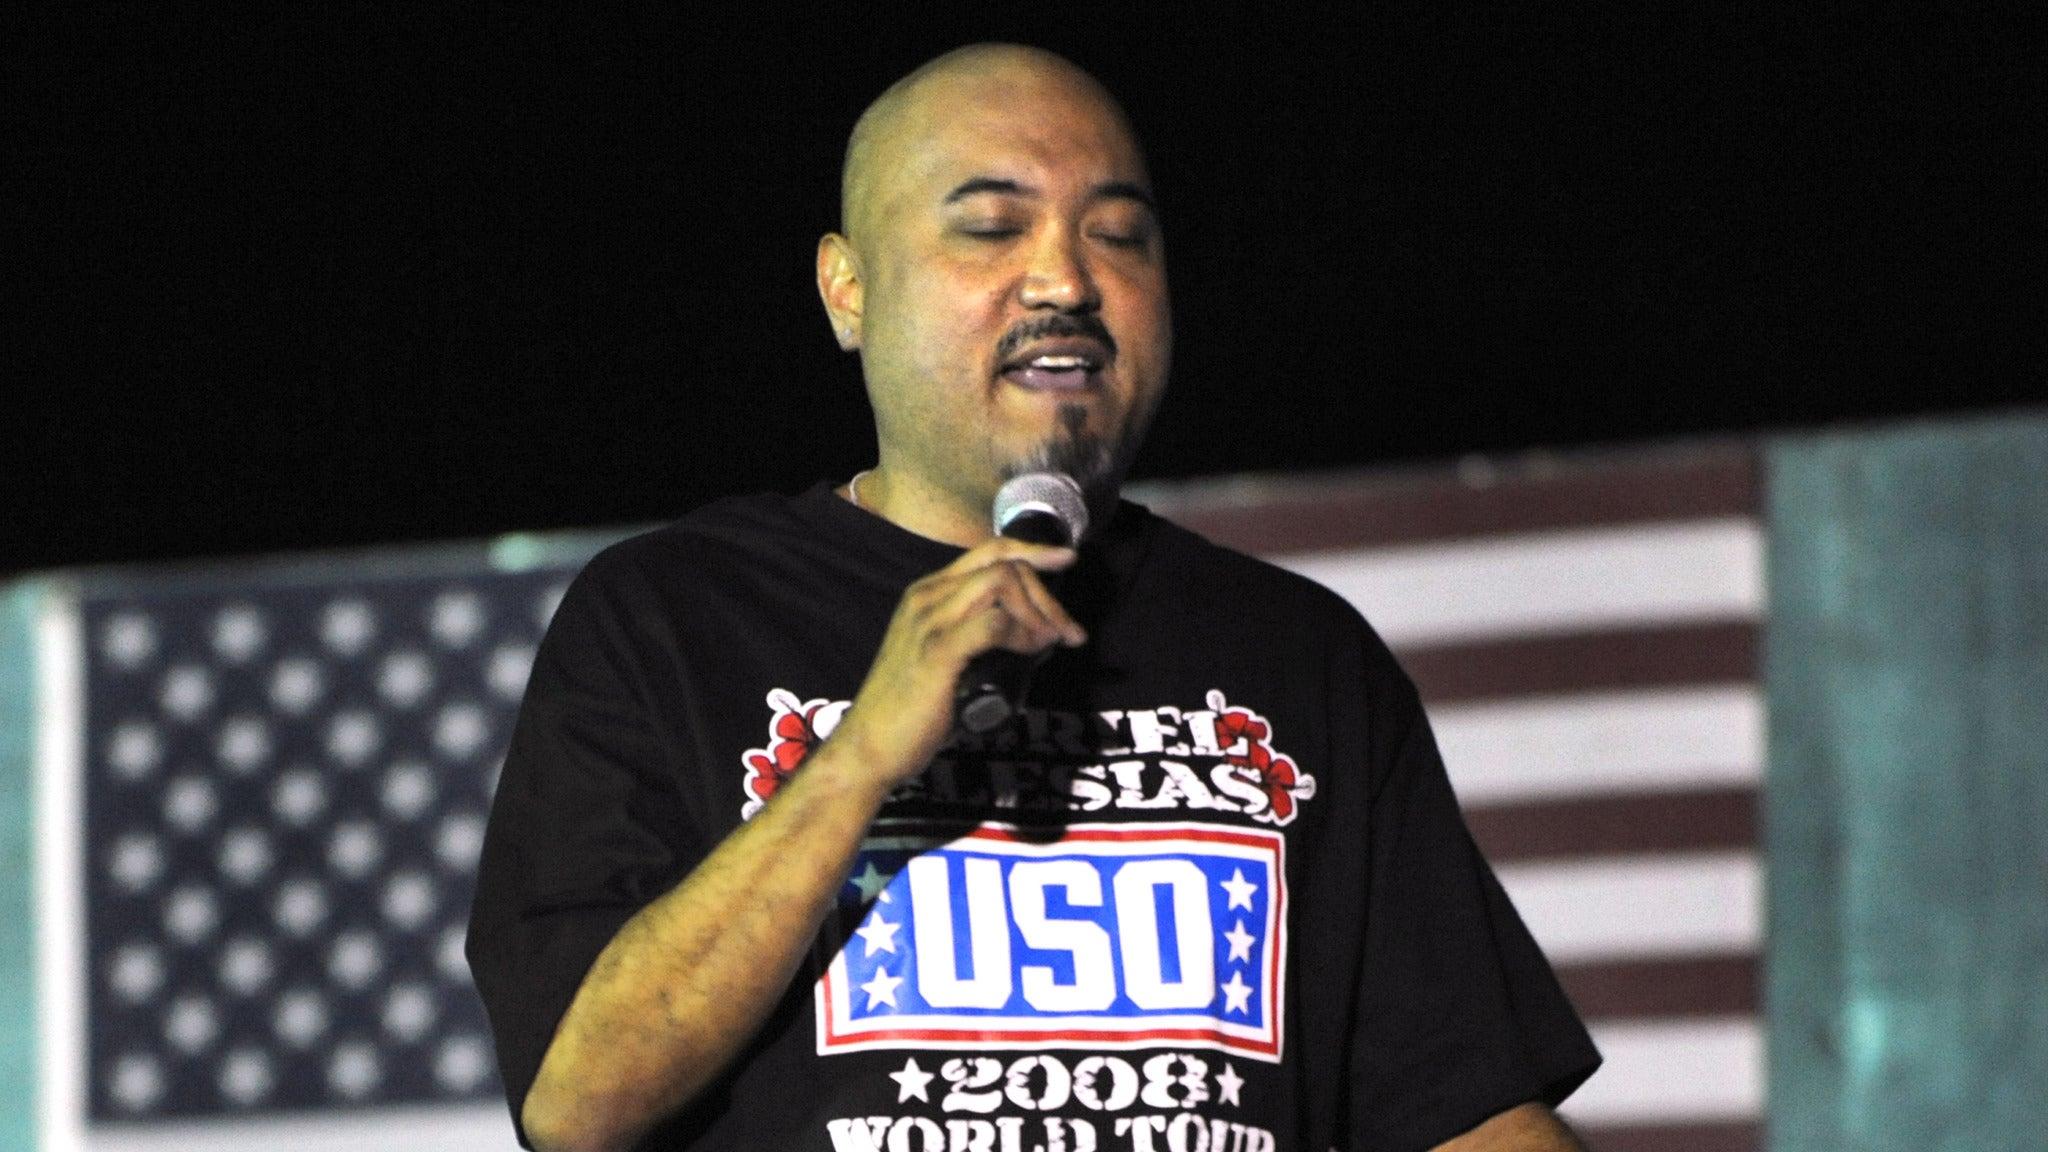 Edwin San Juan at Oxnard Levity Live